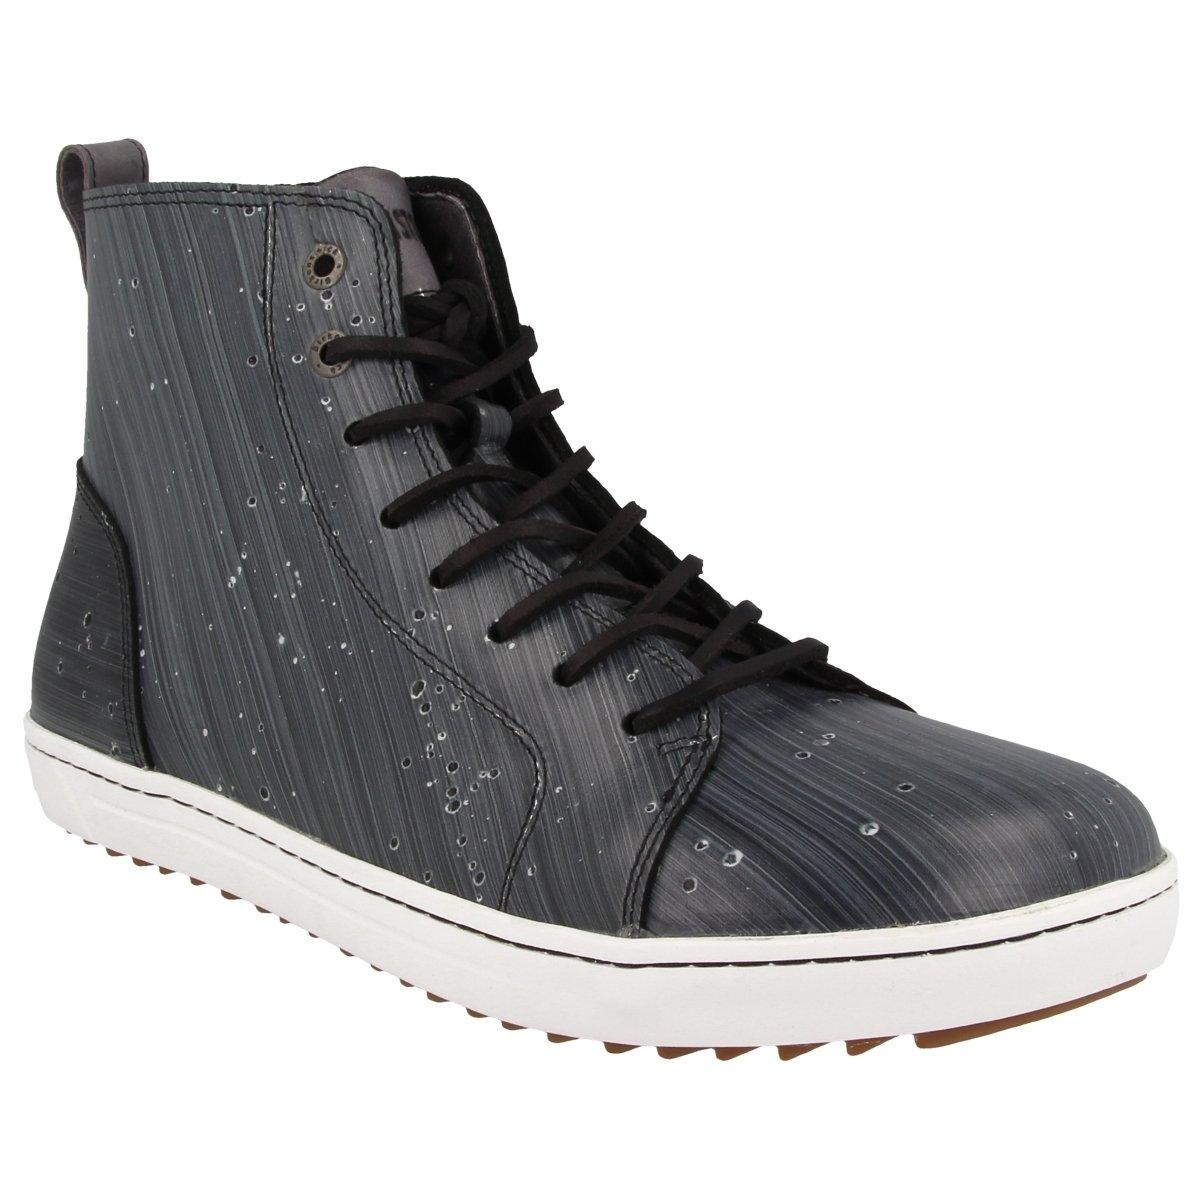 Birkenstock Schuhe Bartlett Men Leder normal  Amazon.it  Scarpe e borse 0f5be1e08a2